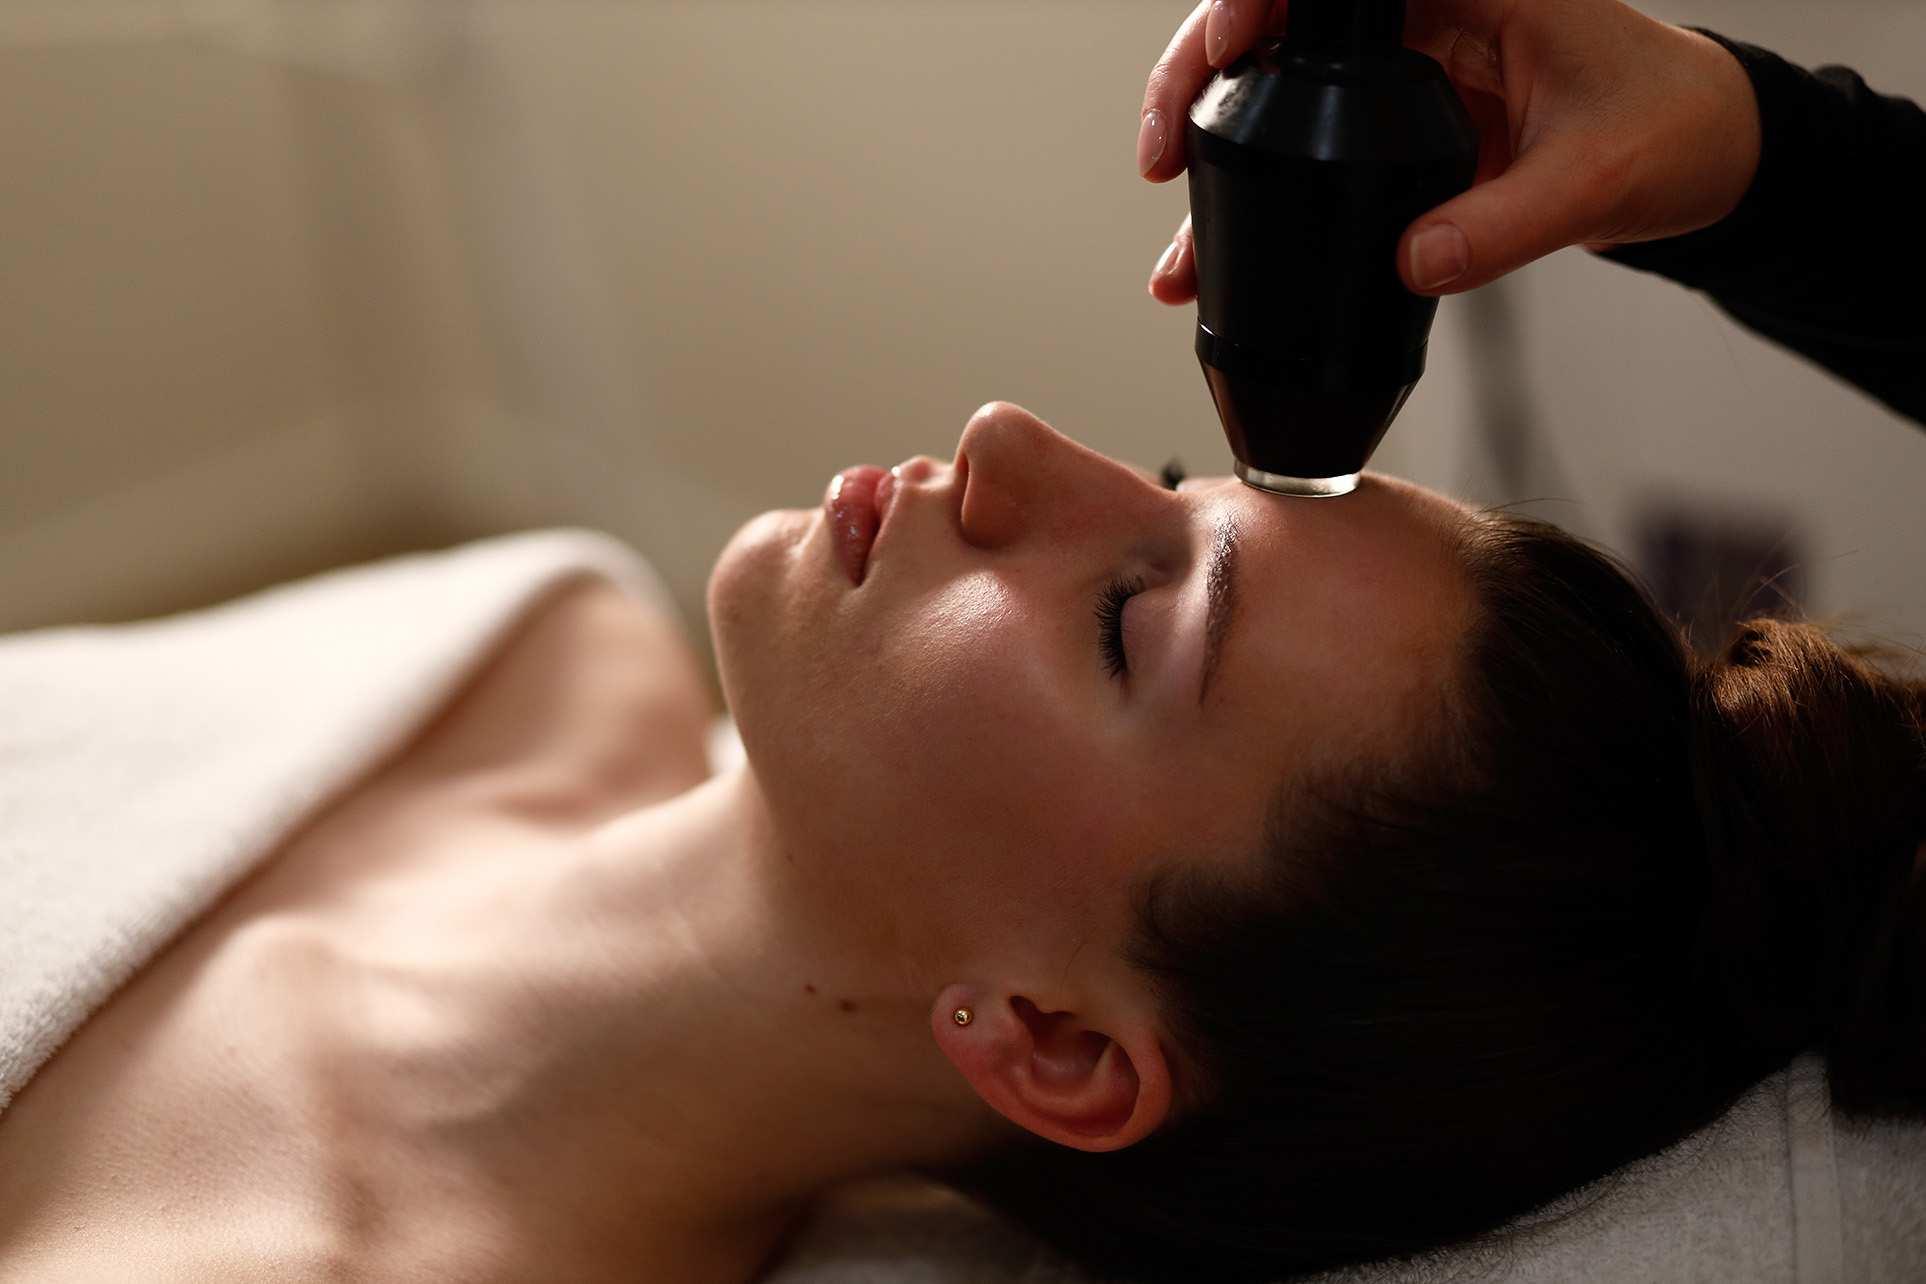 Huidlifting laser voor een natuurlijke versteviging van je huid